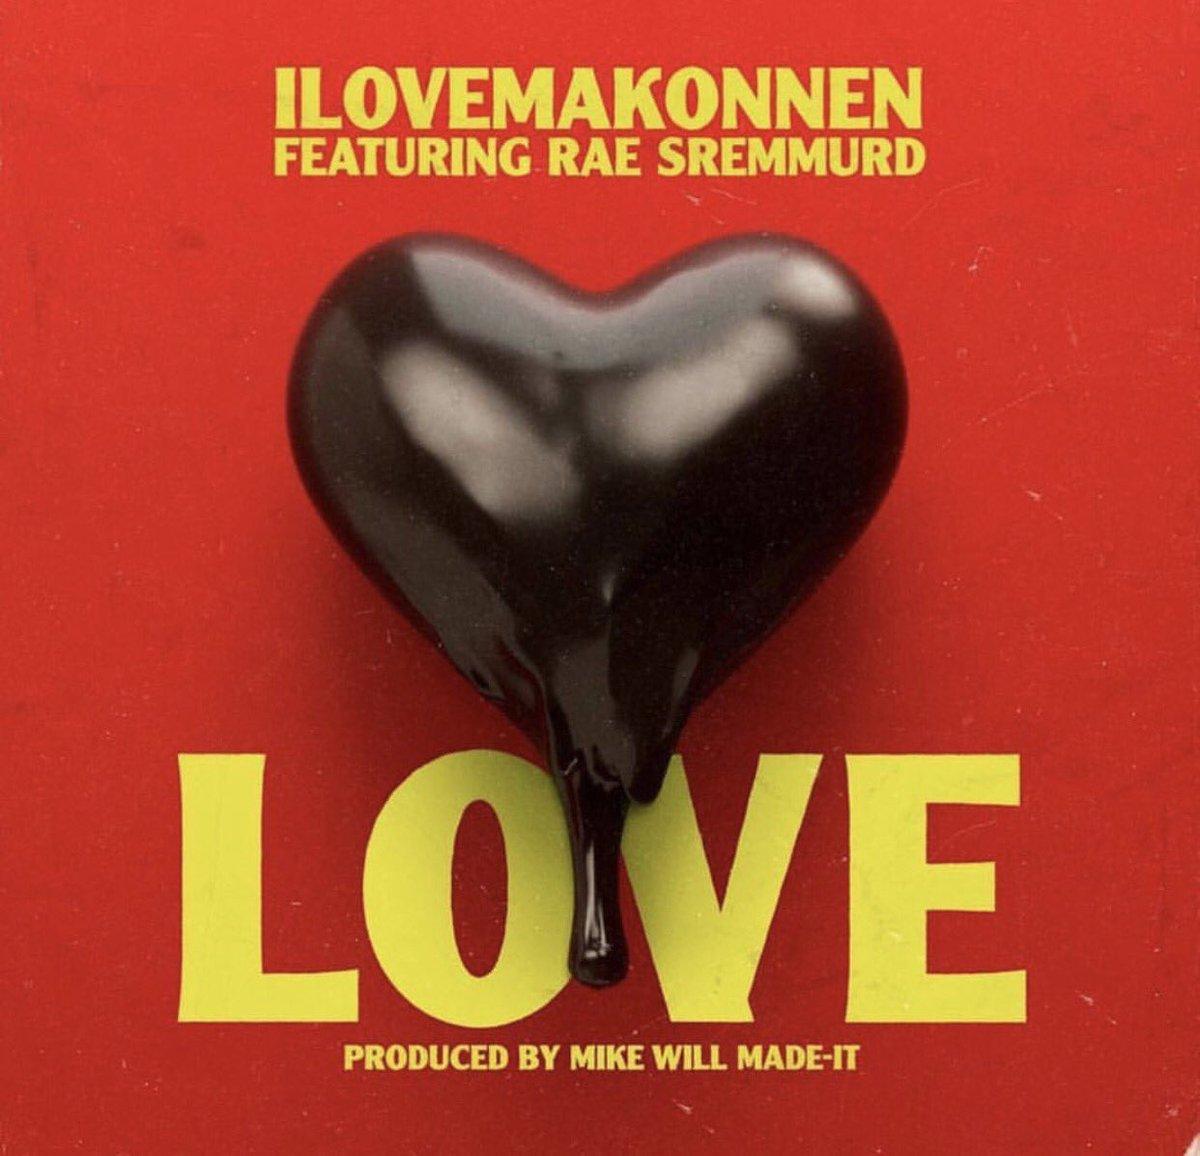 ILOVEMAKONNEN Love